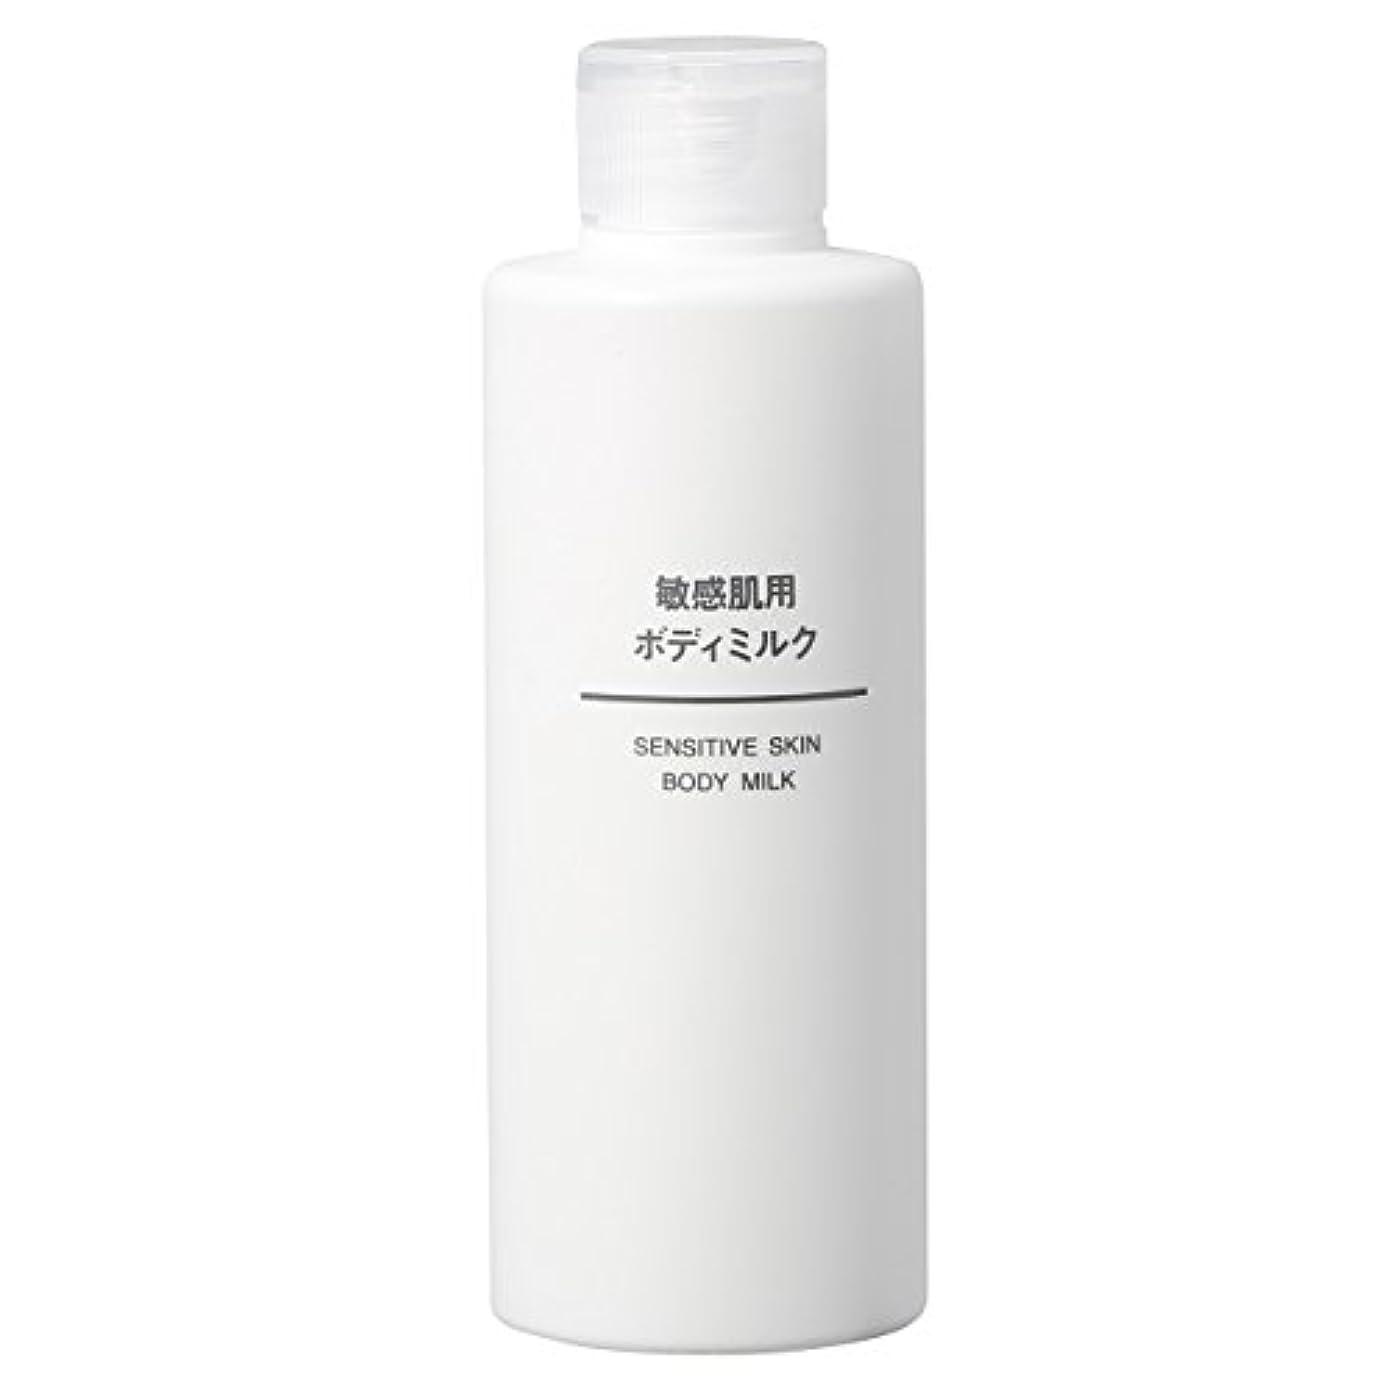 暗殺するのれん腫瘍無印良品 敏感肌用 ボディミルク 200ml 日本製